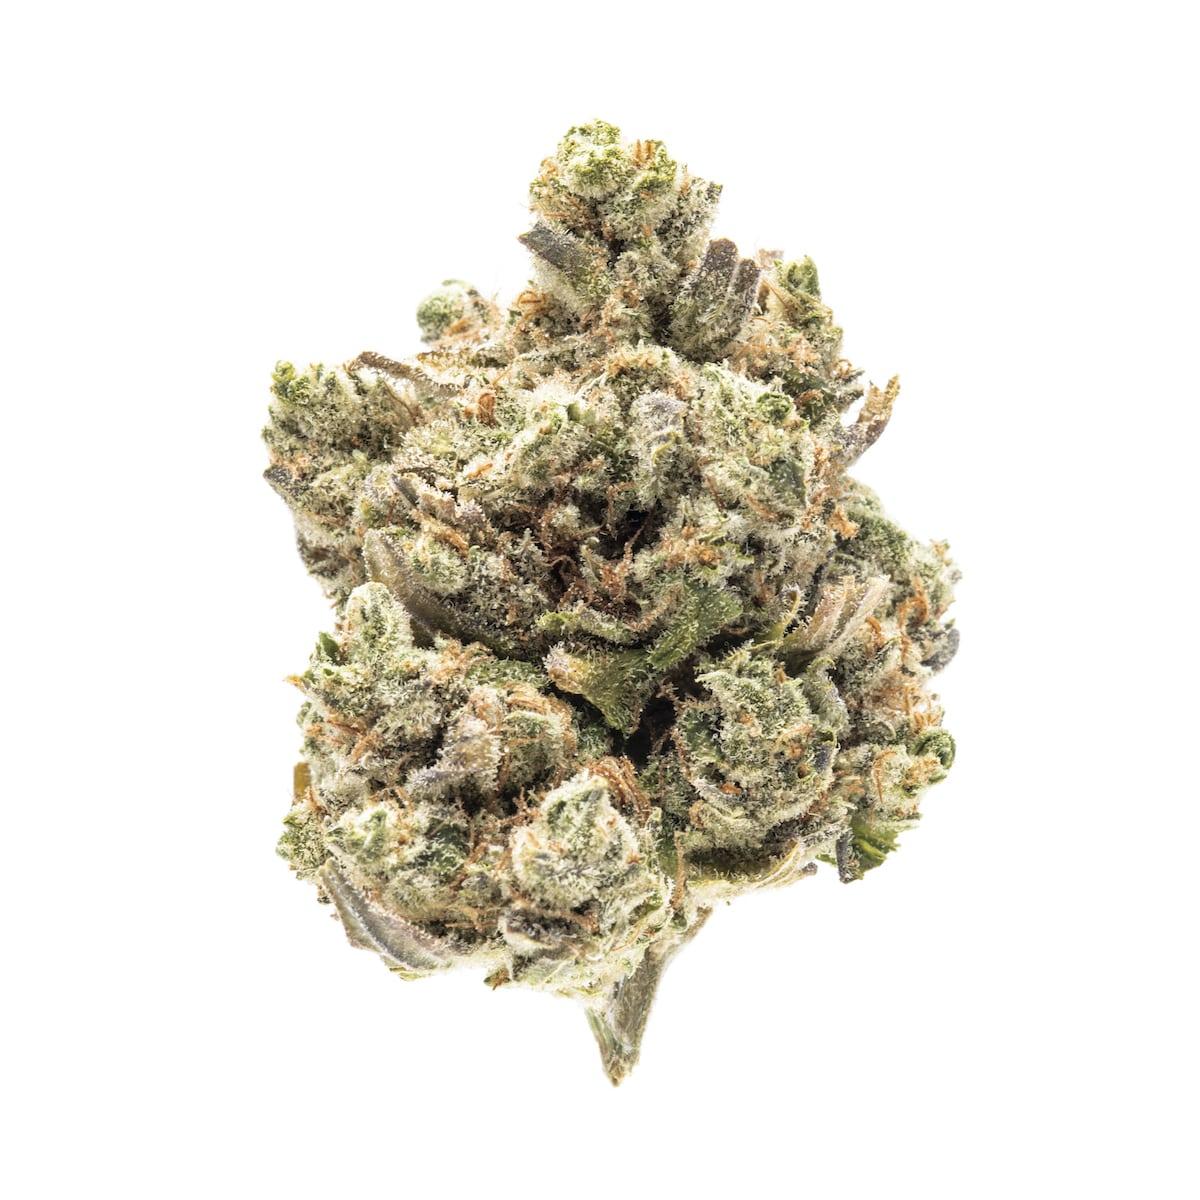 Banana OG cannabis flower